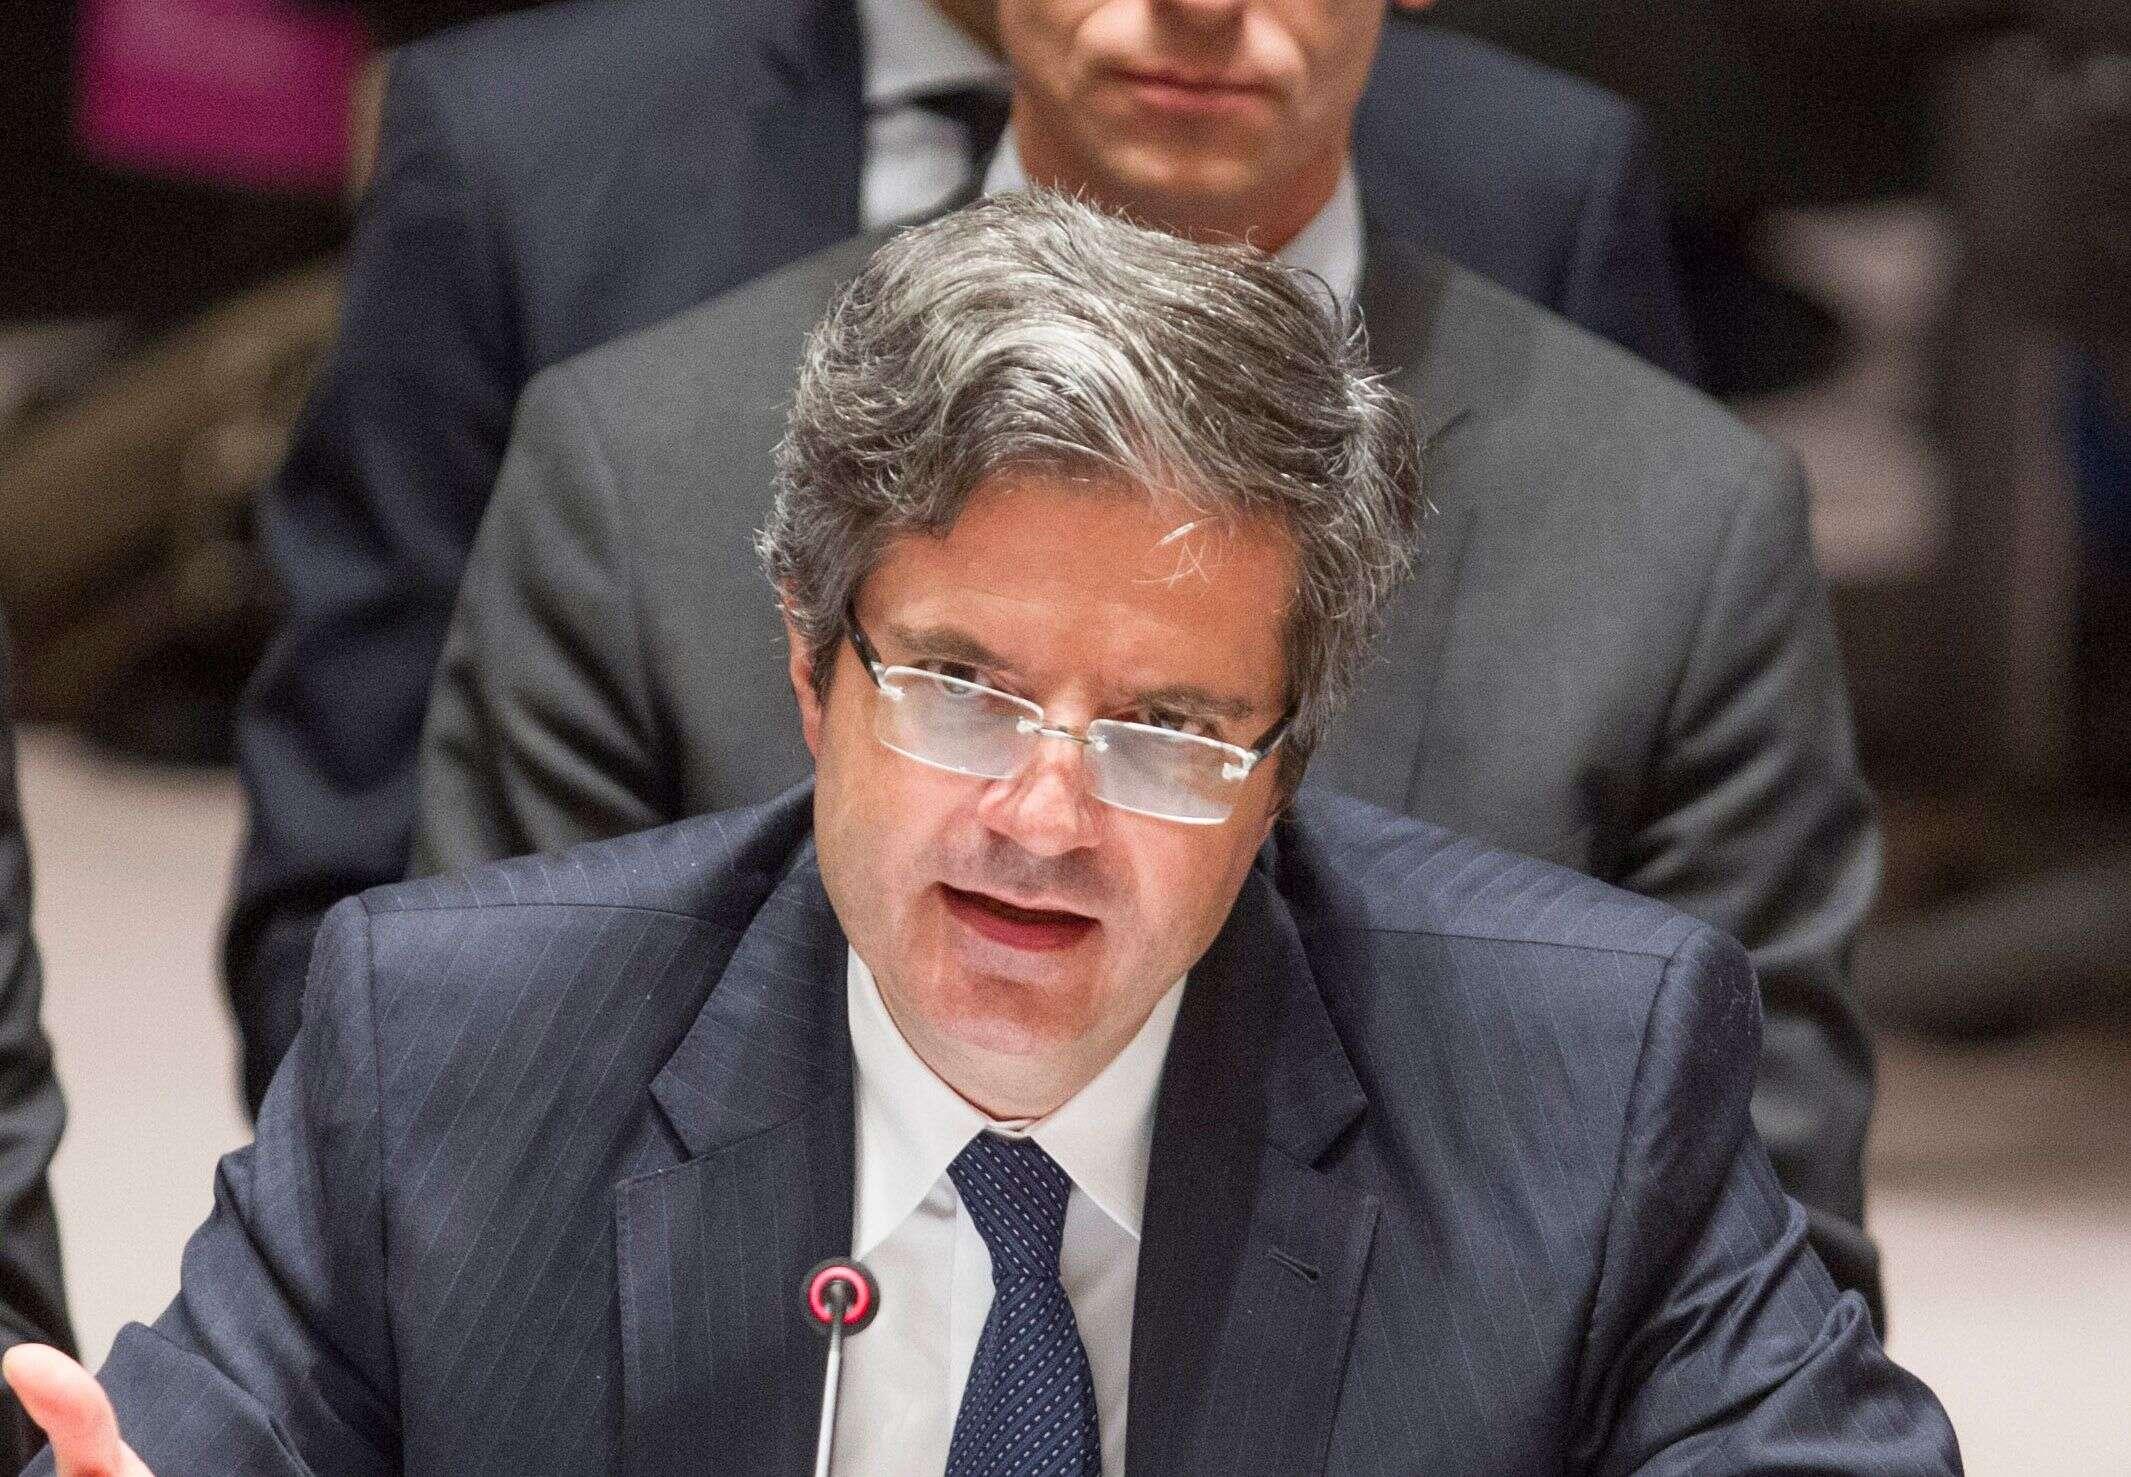 为这事,法国驻联合国代表炮轰美国:别动不动就用否决权